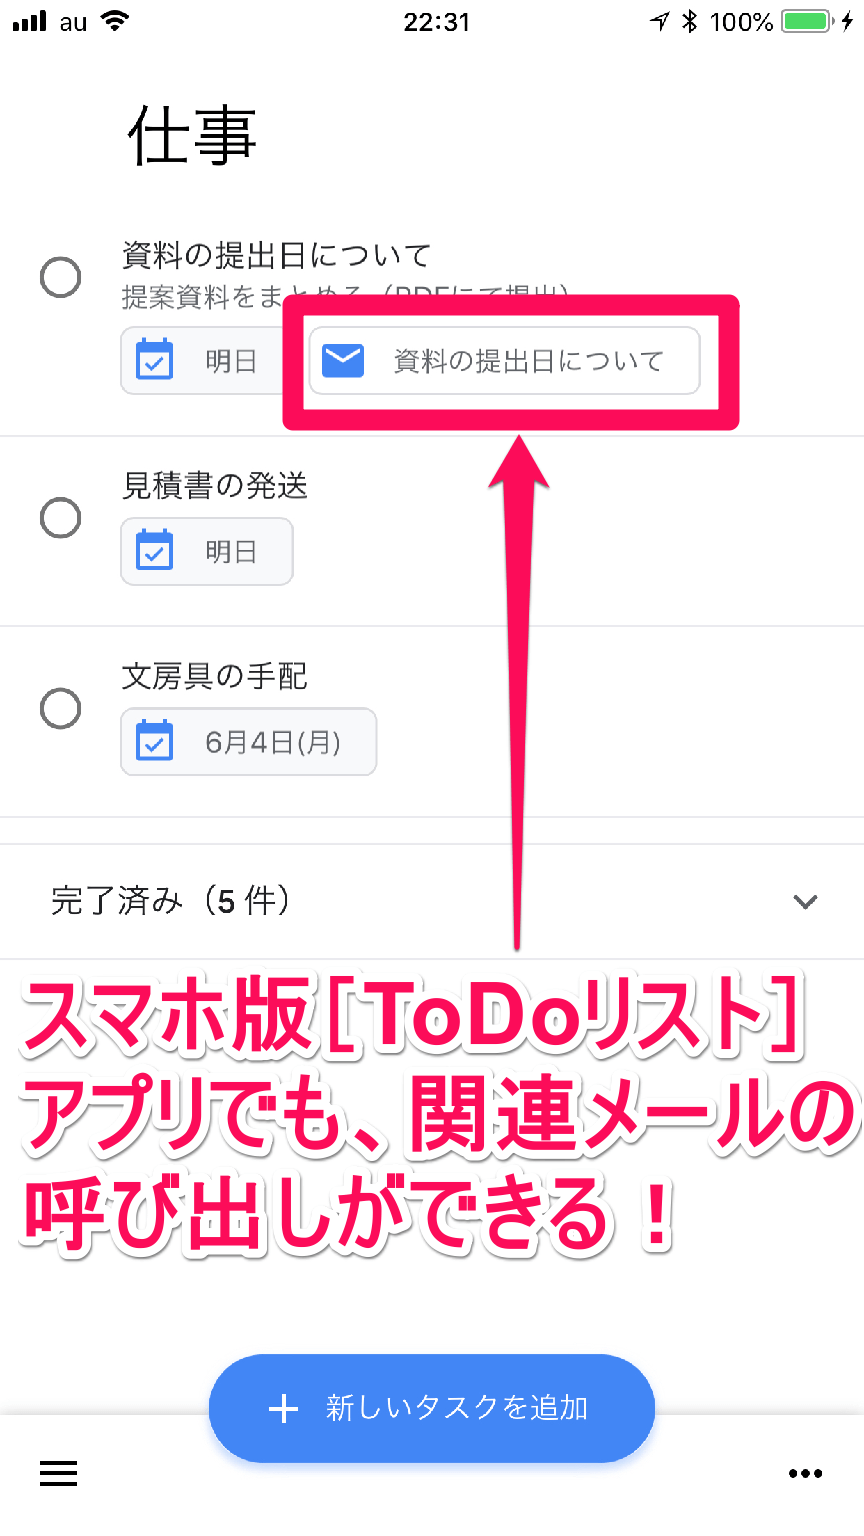 スマートフォン版[Google ToDoリスト]アプリで、タスクの画面からGmailのメールを呼び出す画面